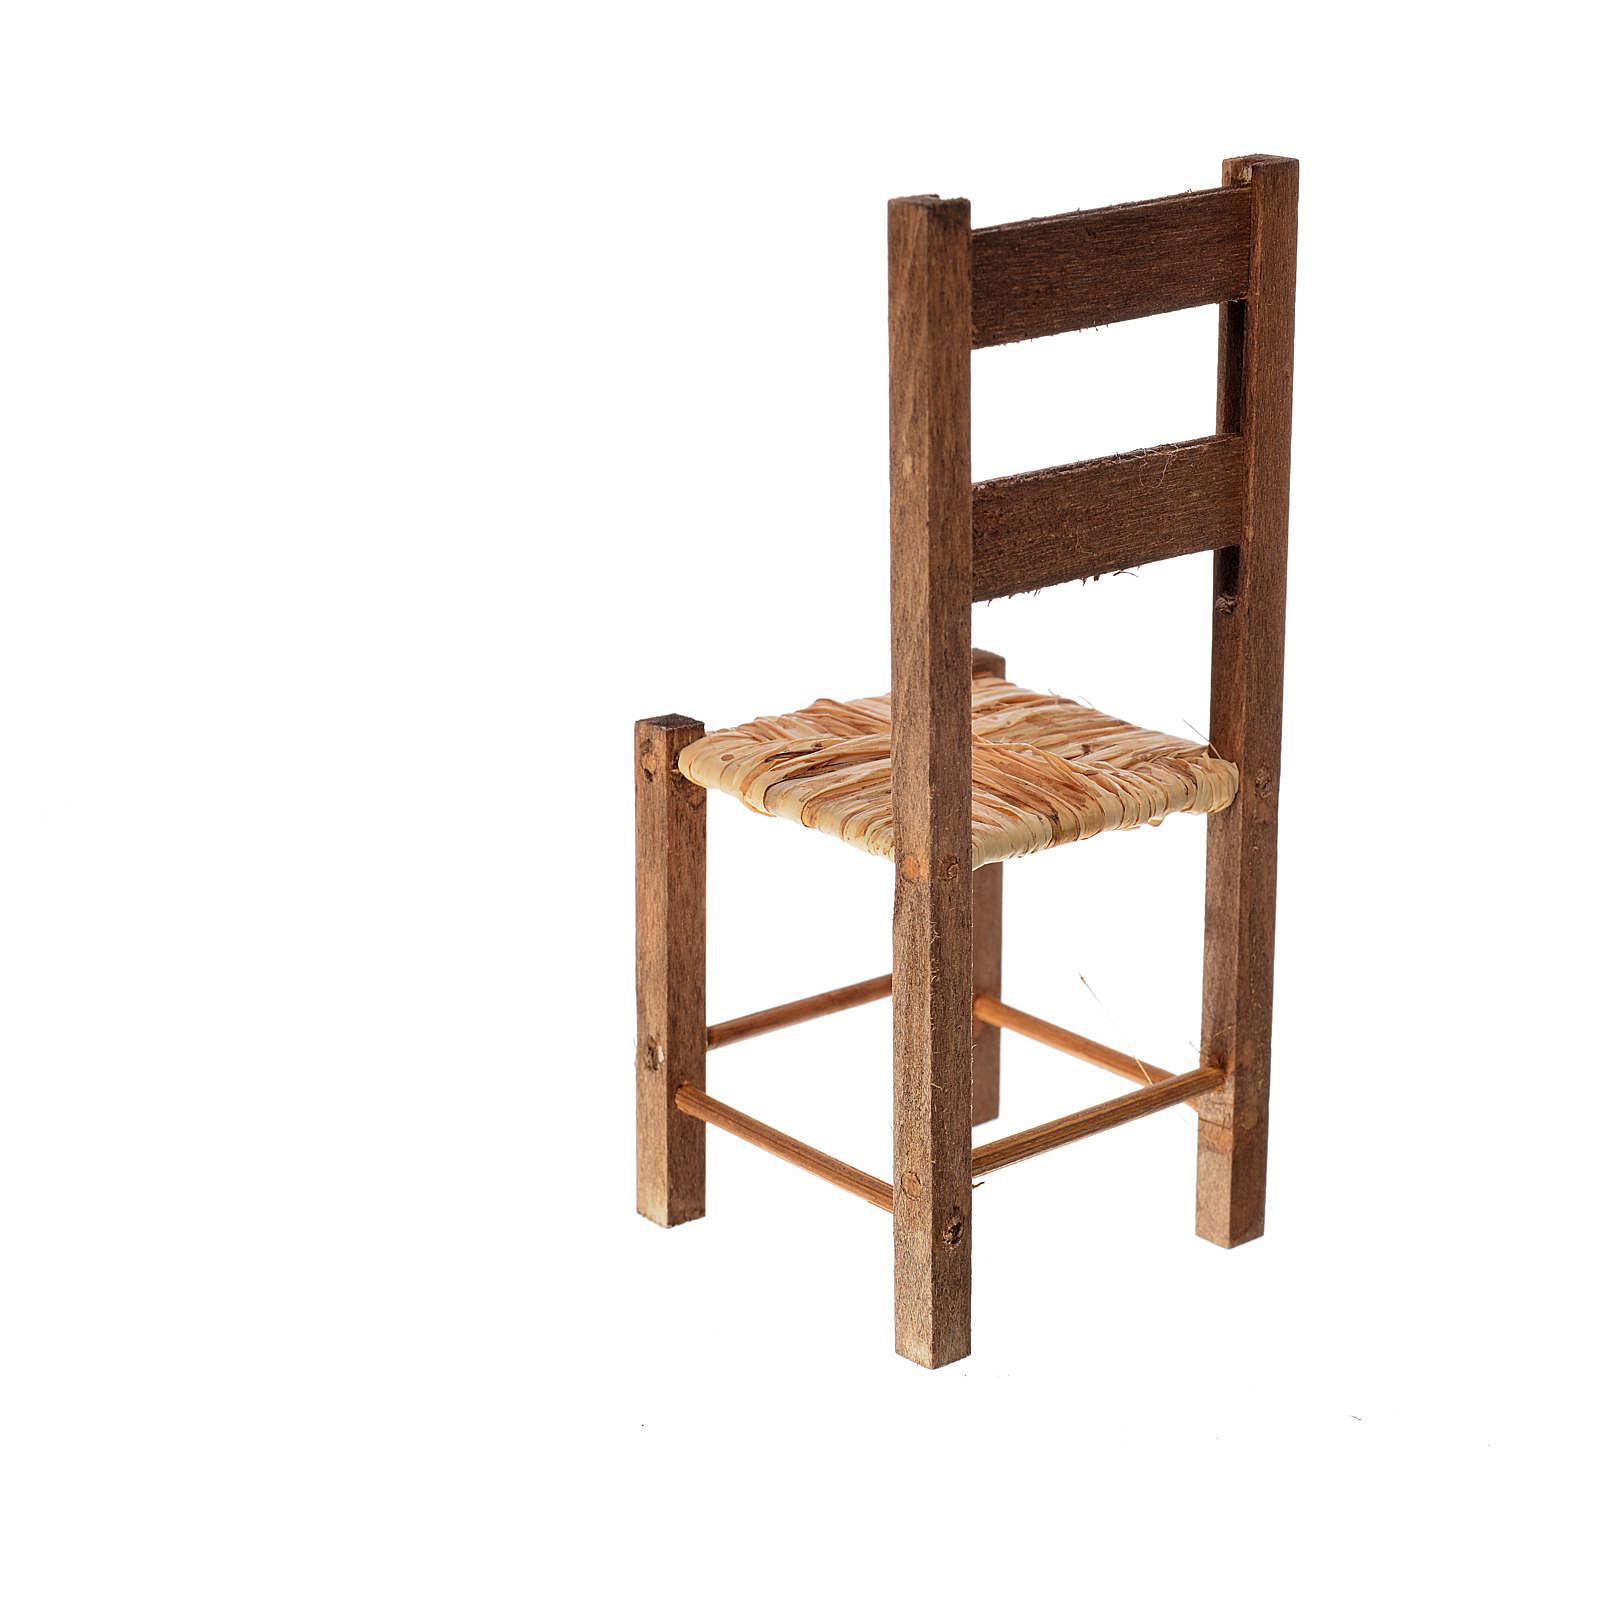 Neapolitan nativity accessory, straw chair 11x4.5x4.5cm 4